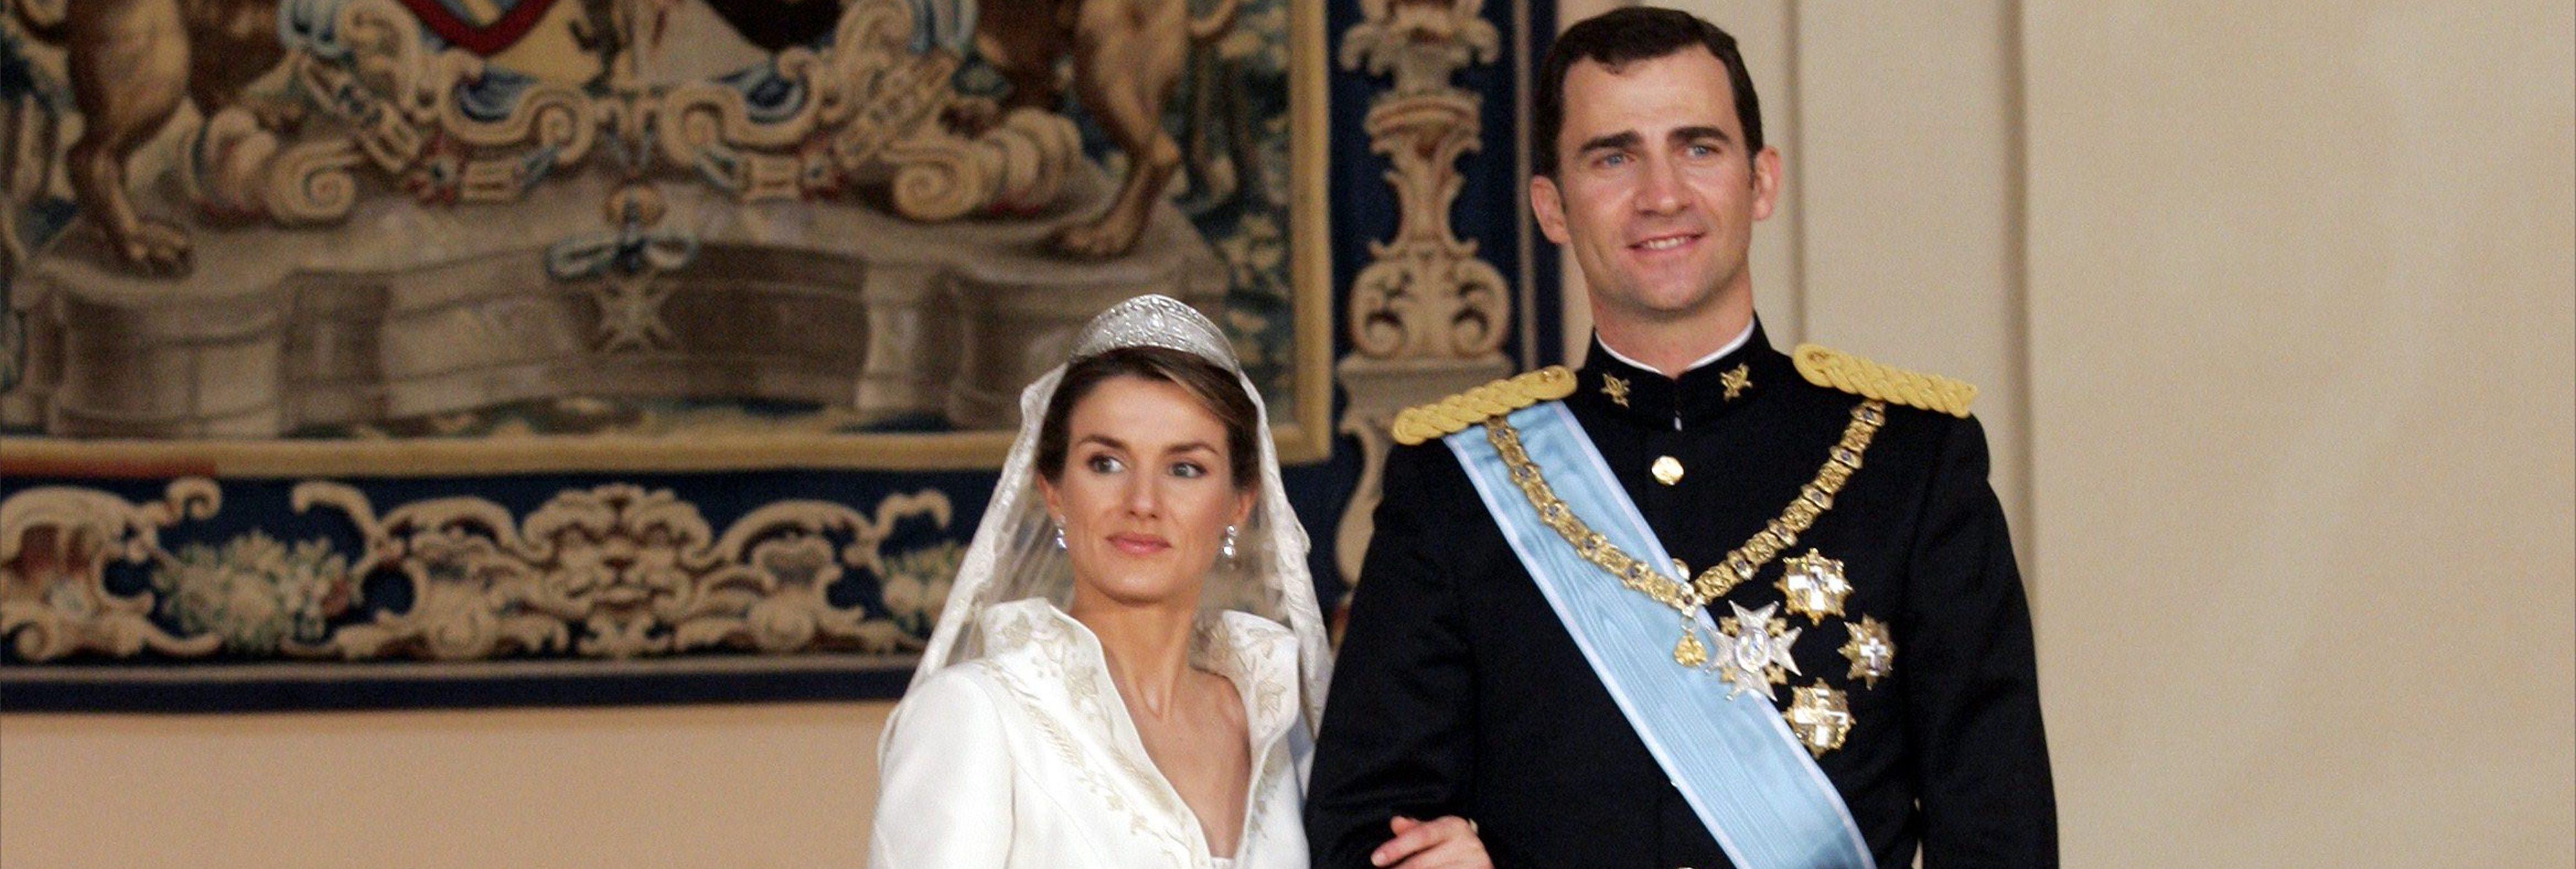 La gran crisis de Letizia: casi anuló su boda con Felipe un mes antes del enlace